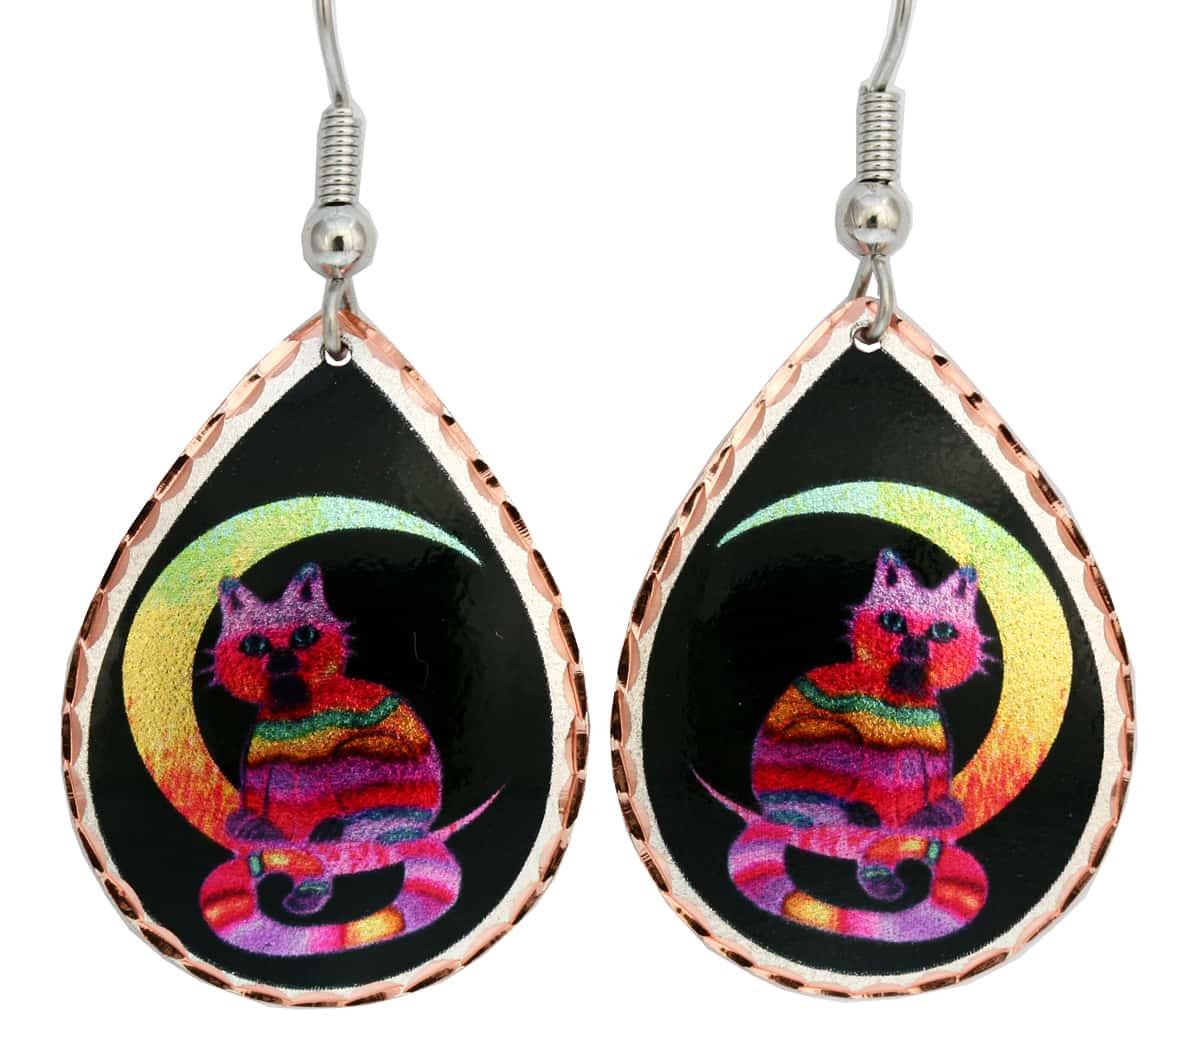 Nick Gustafson Designed Moon & Cat Earrings